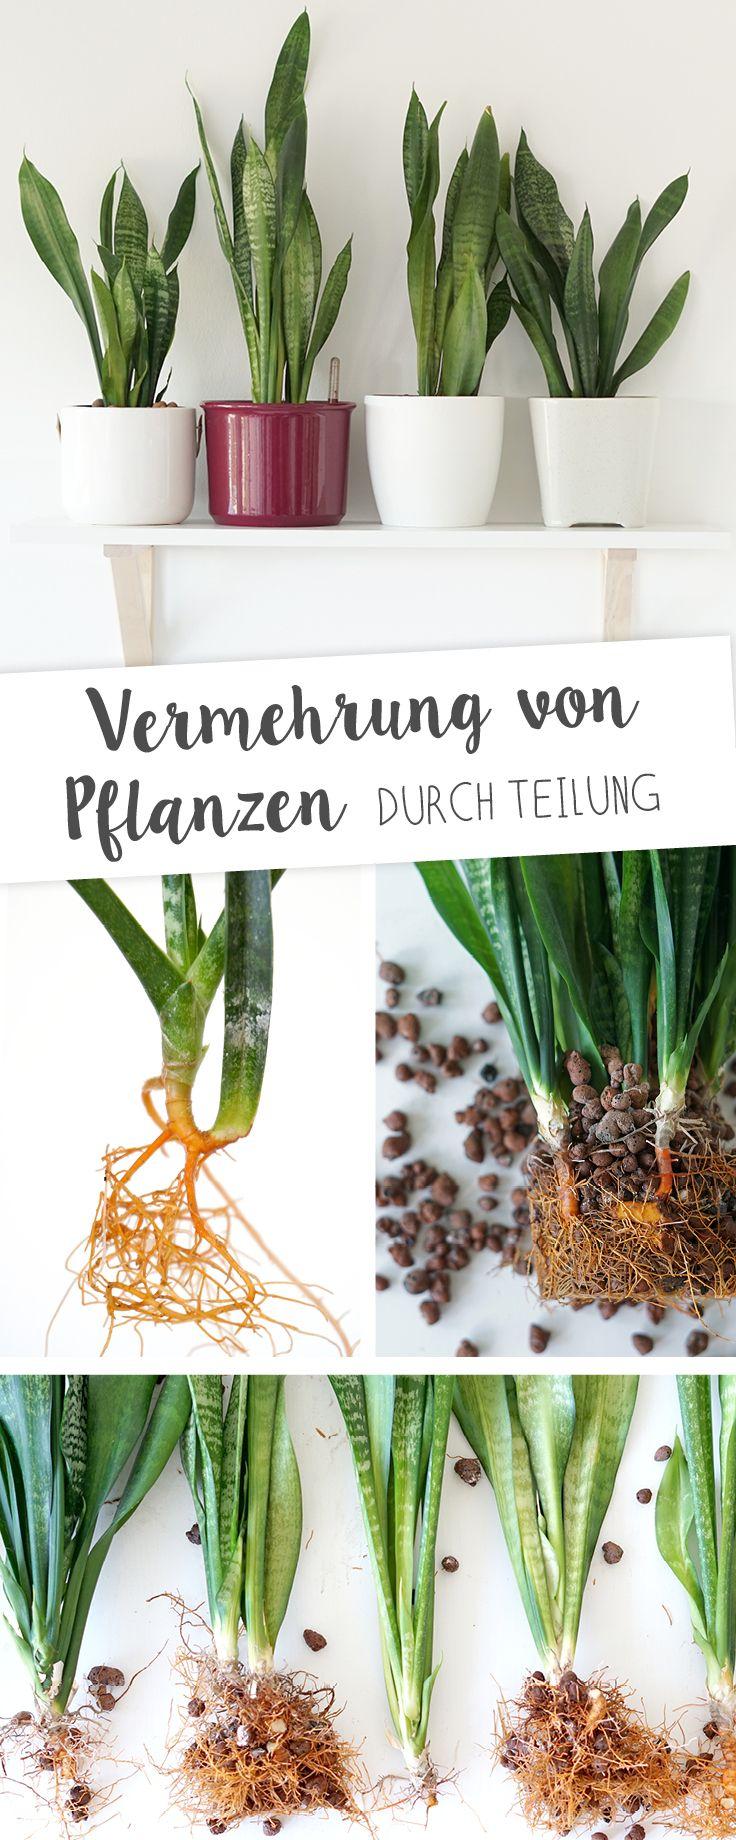 Vermehrung von Pflanzen, wie Sansevieria, Calathea oder Grünlilie durch Teilung von Rhizomen oder Wurzelteilung auf www.aentschiesblog.com